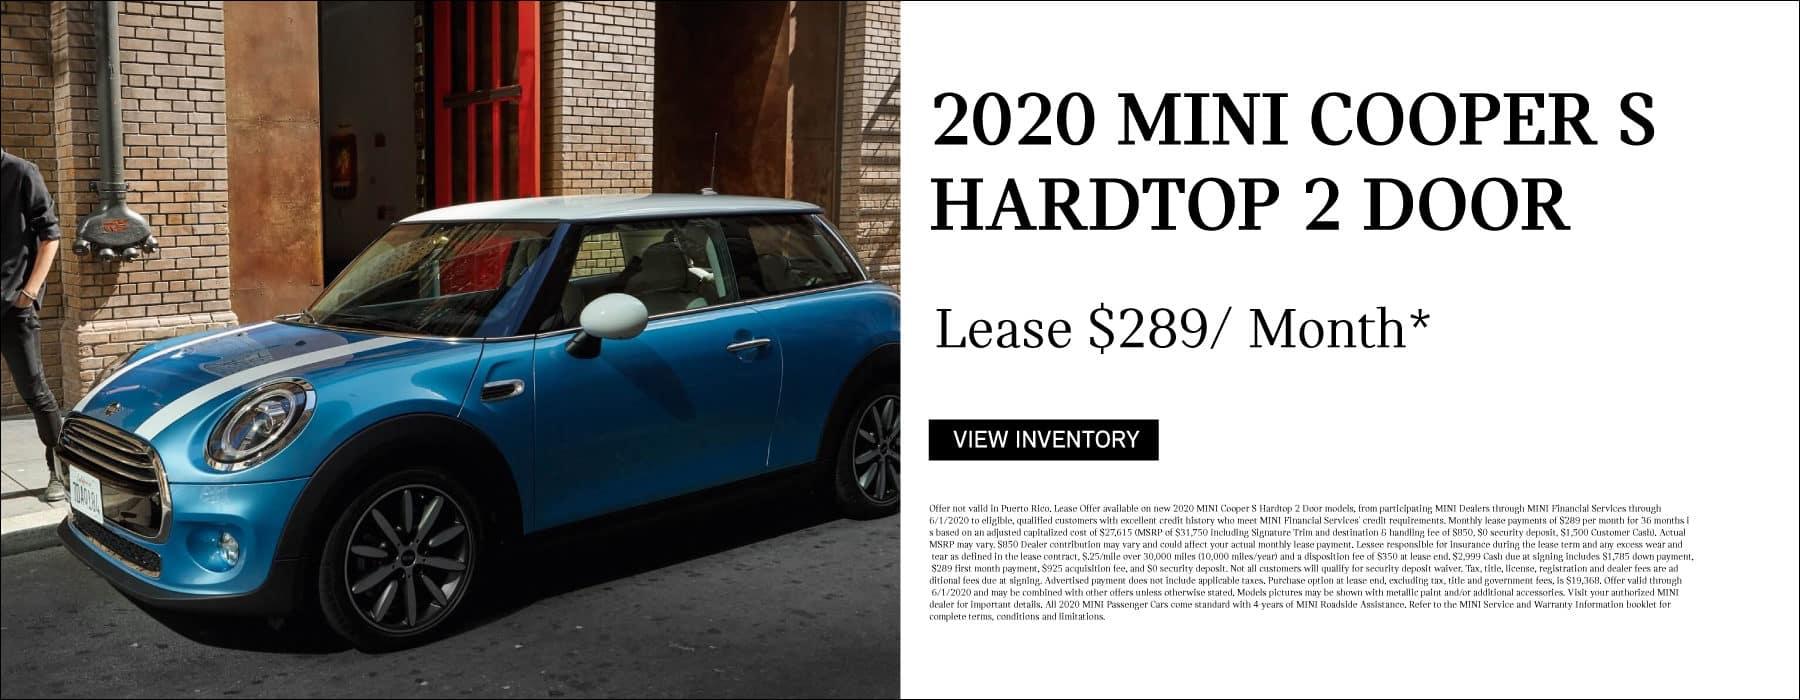 2020 MINI Cooper S Hardtop 2 Door. Lease for $289/ Month